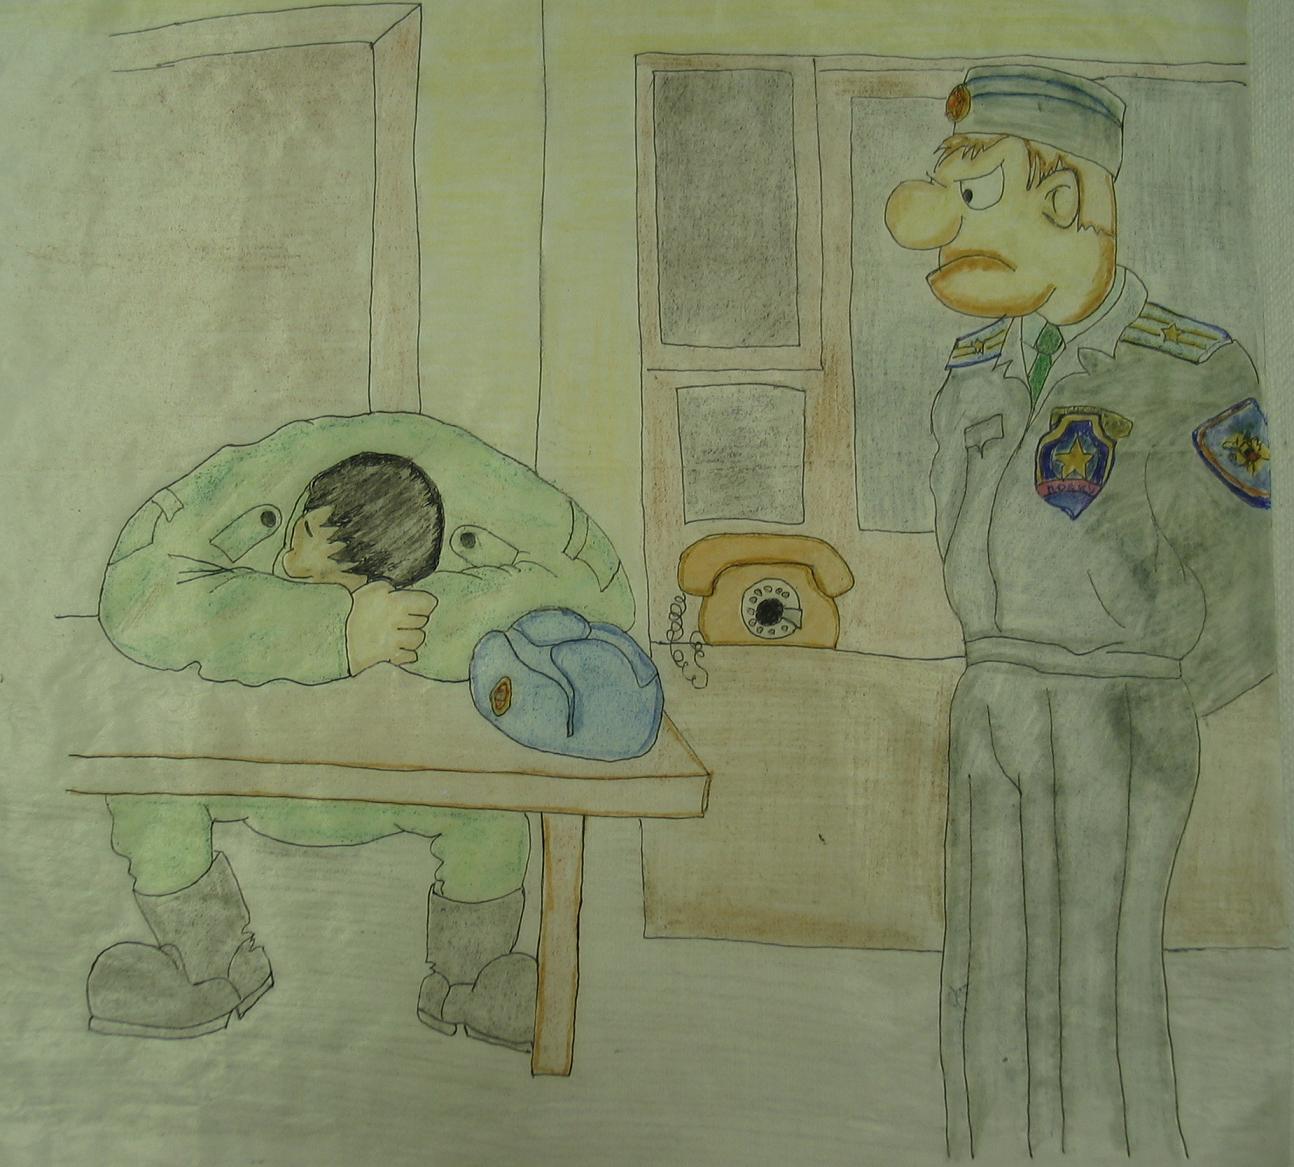 Смешные рисунки про армию карандашом, роман прикольные картинки